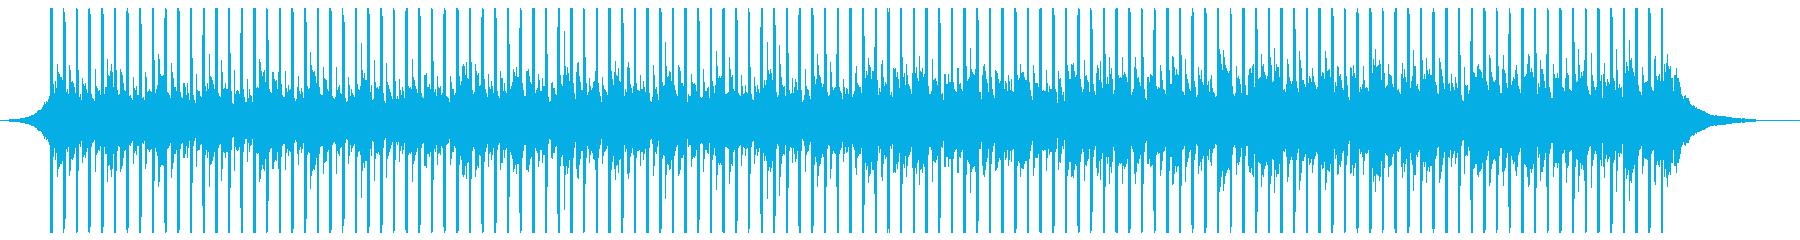 テクノロジー株式会社(中)の再生済みの波形